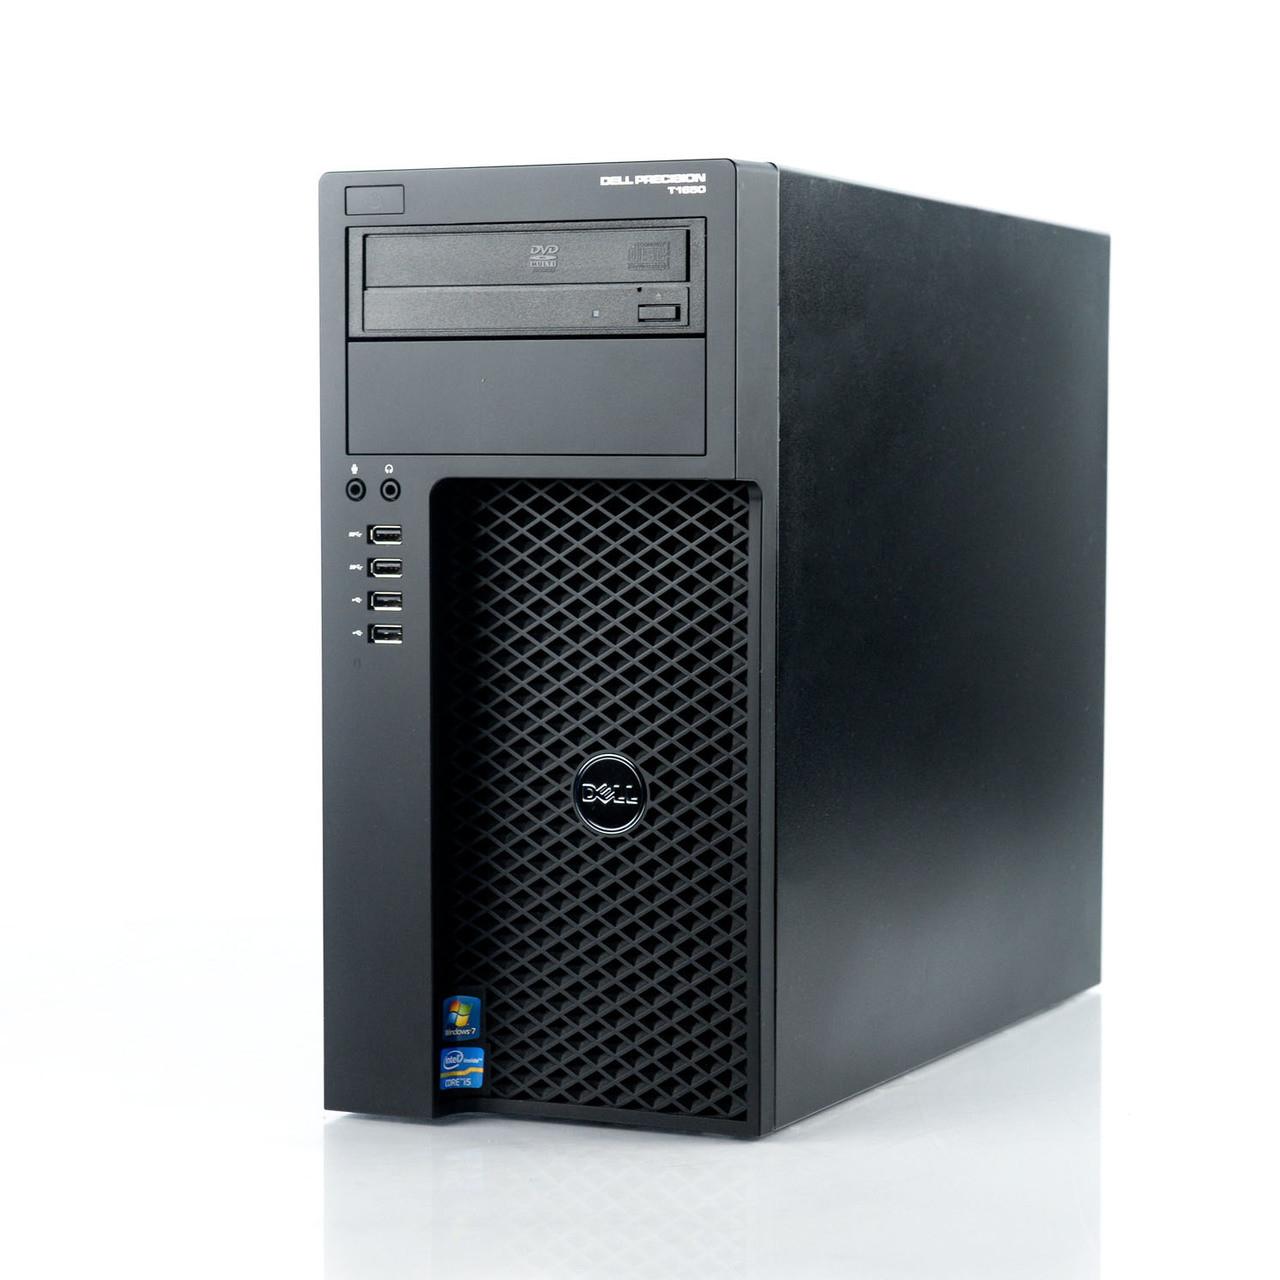 DELL PRECISION T1650 AMD GRAPHICS DRIVERS FOR WINDOWS MAC